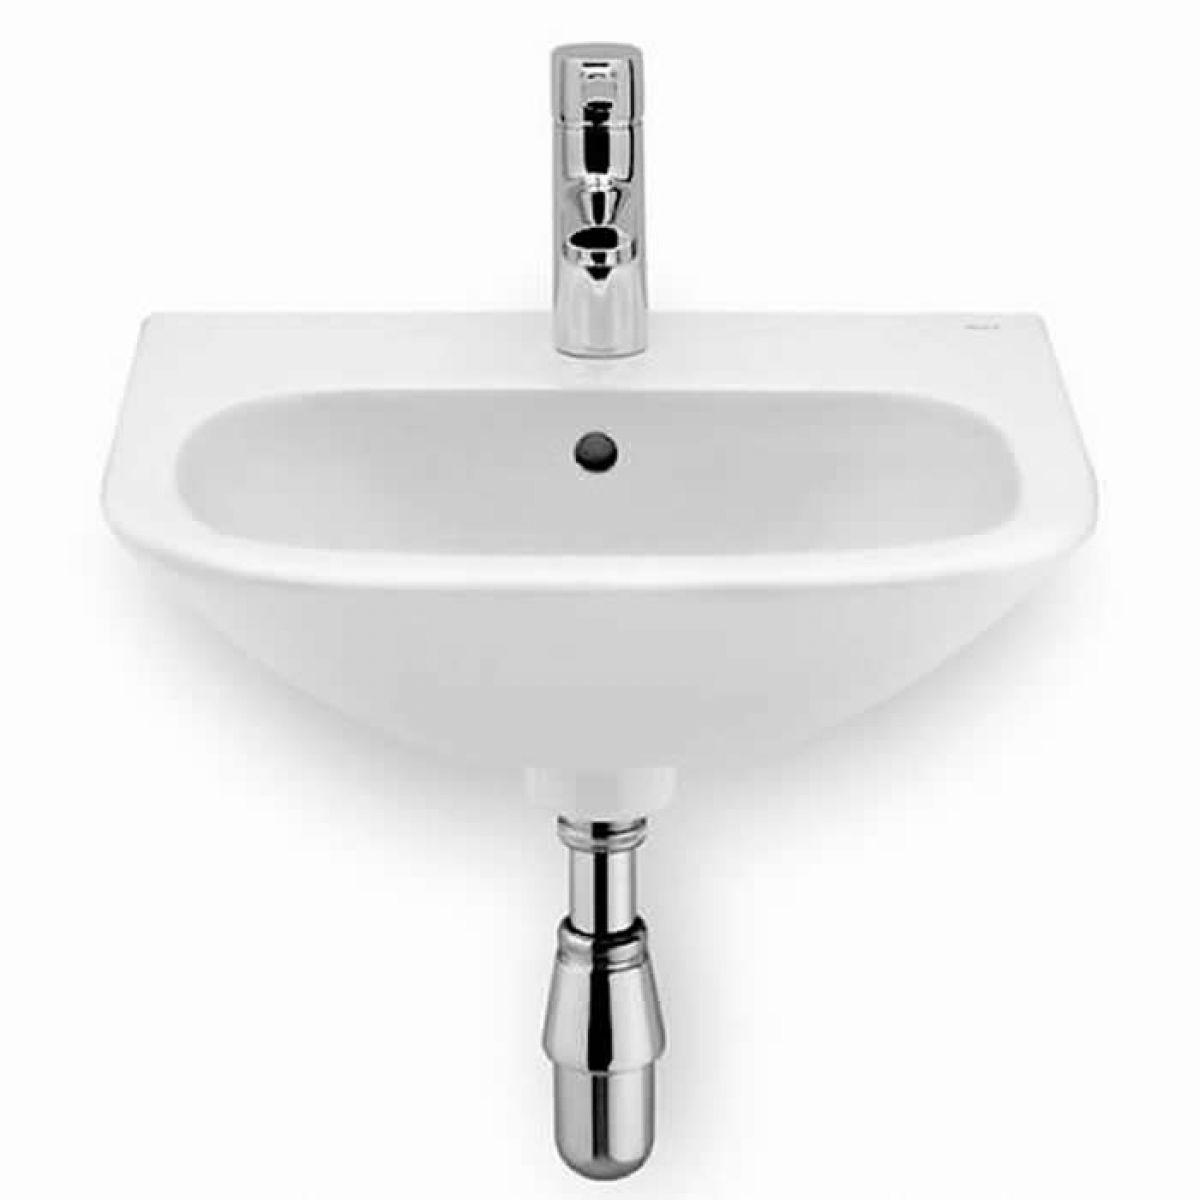 Roca nexo cloakroom basin 450mm a327643000 uk bathrooms for Roca cloakroom basin